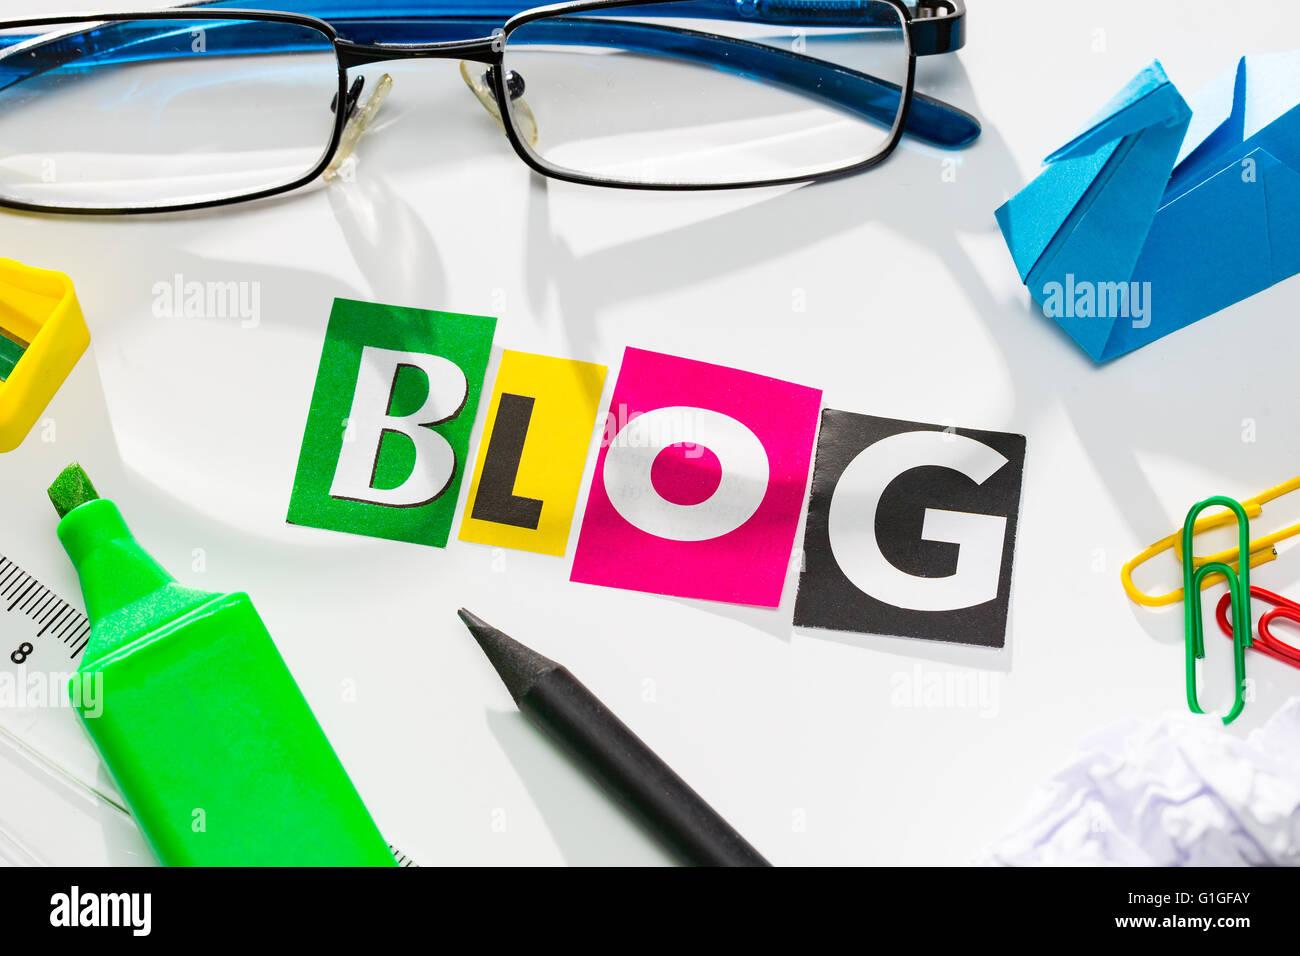 La colorida palabra blog en el corte de la revista letras. Imagen De Stock